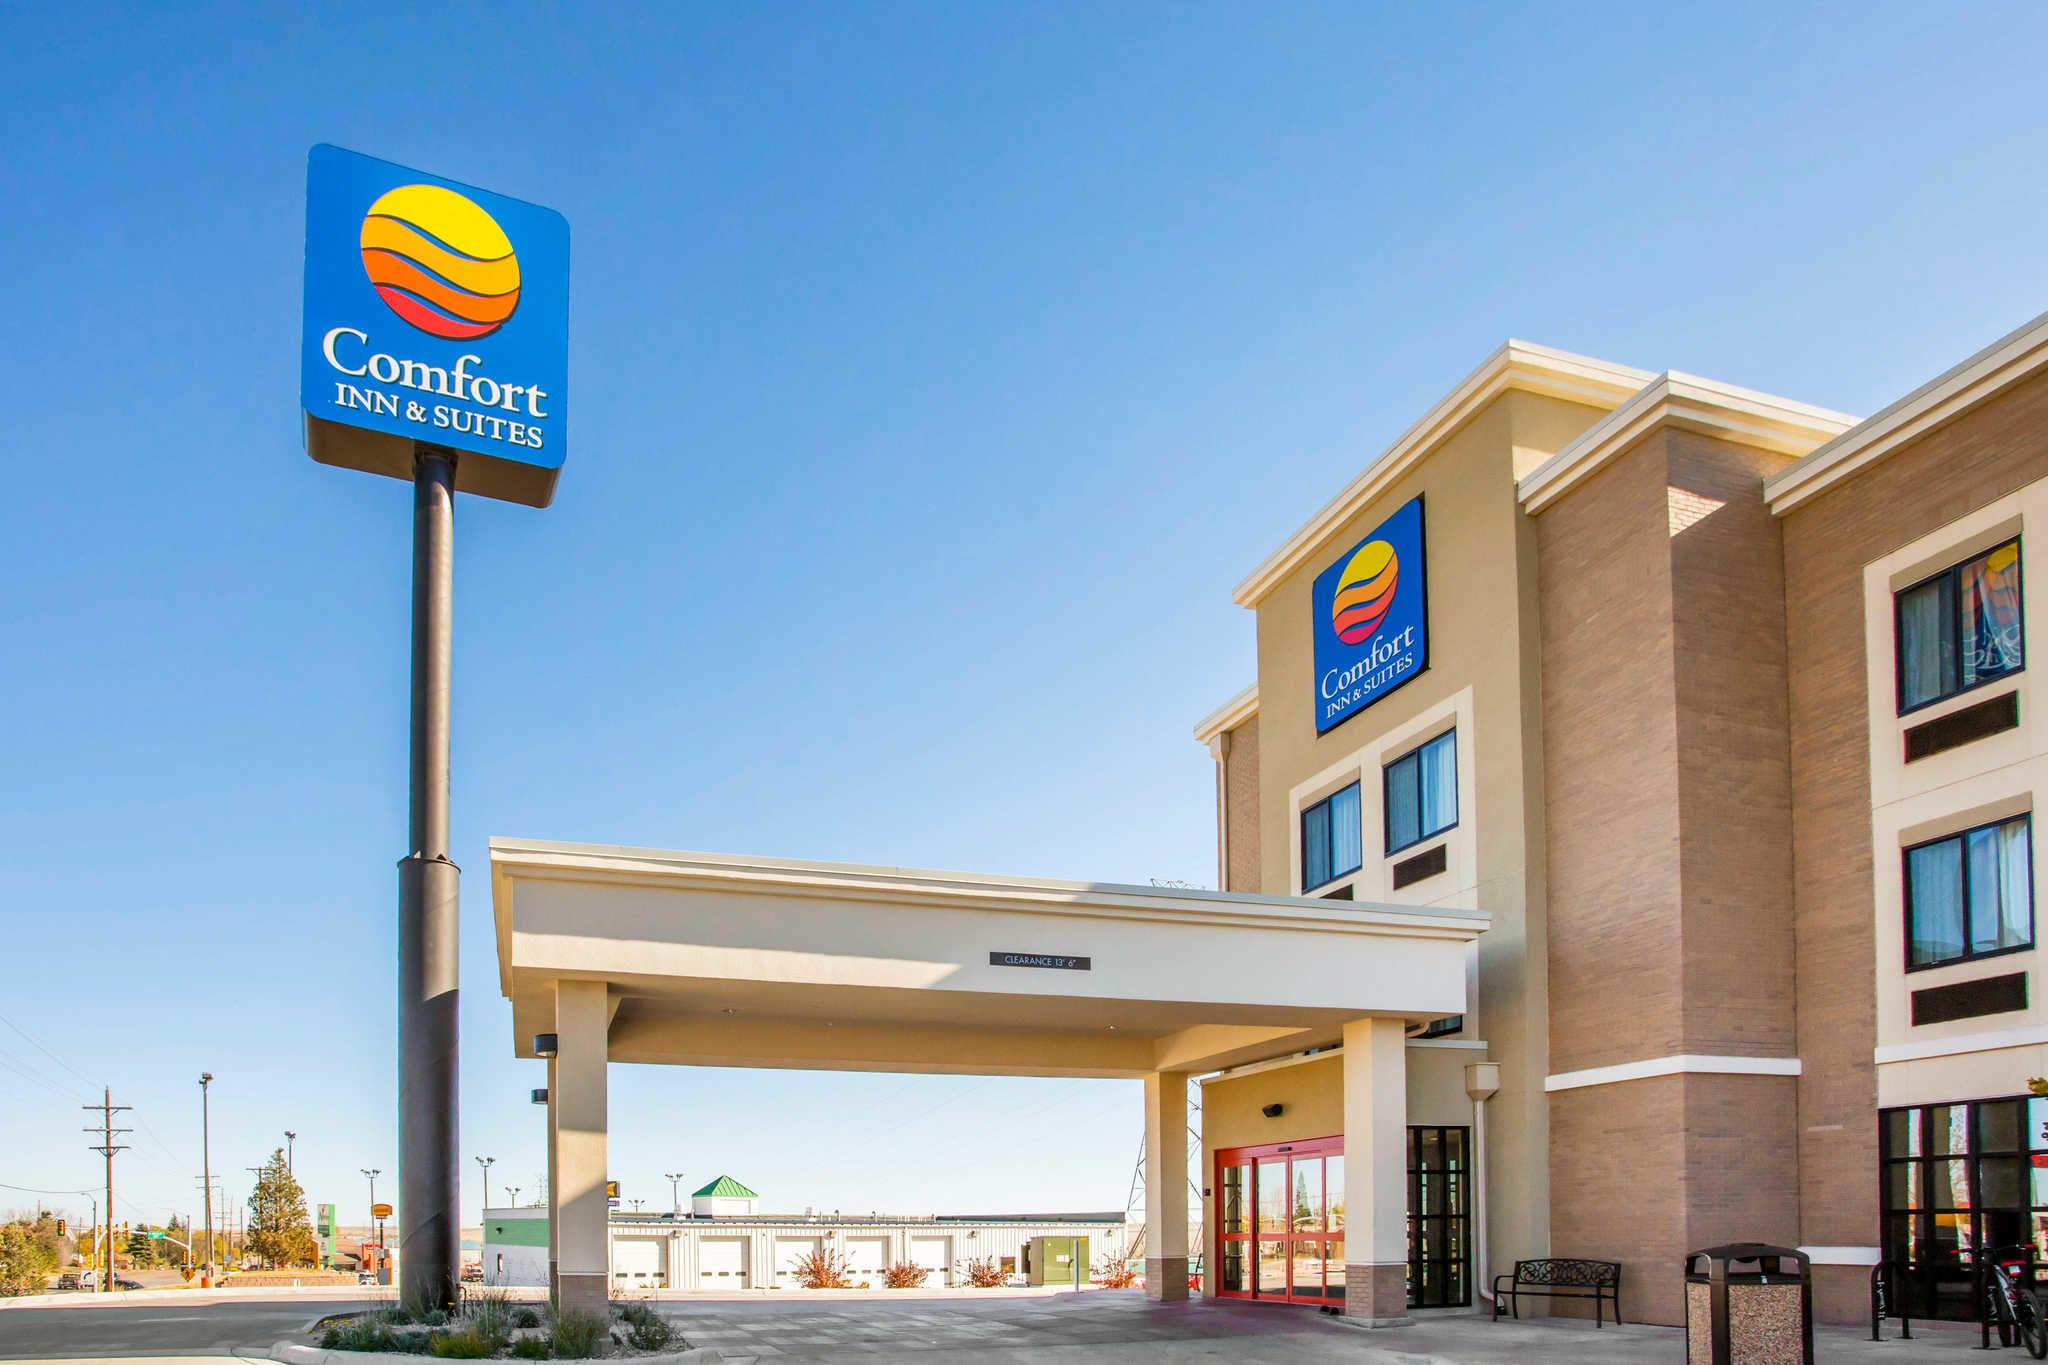 Comfort Inn  U0026 Suites  Cheyenne Wyoming  Wy